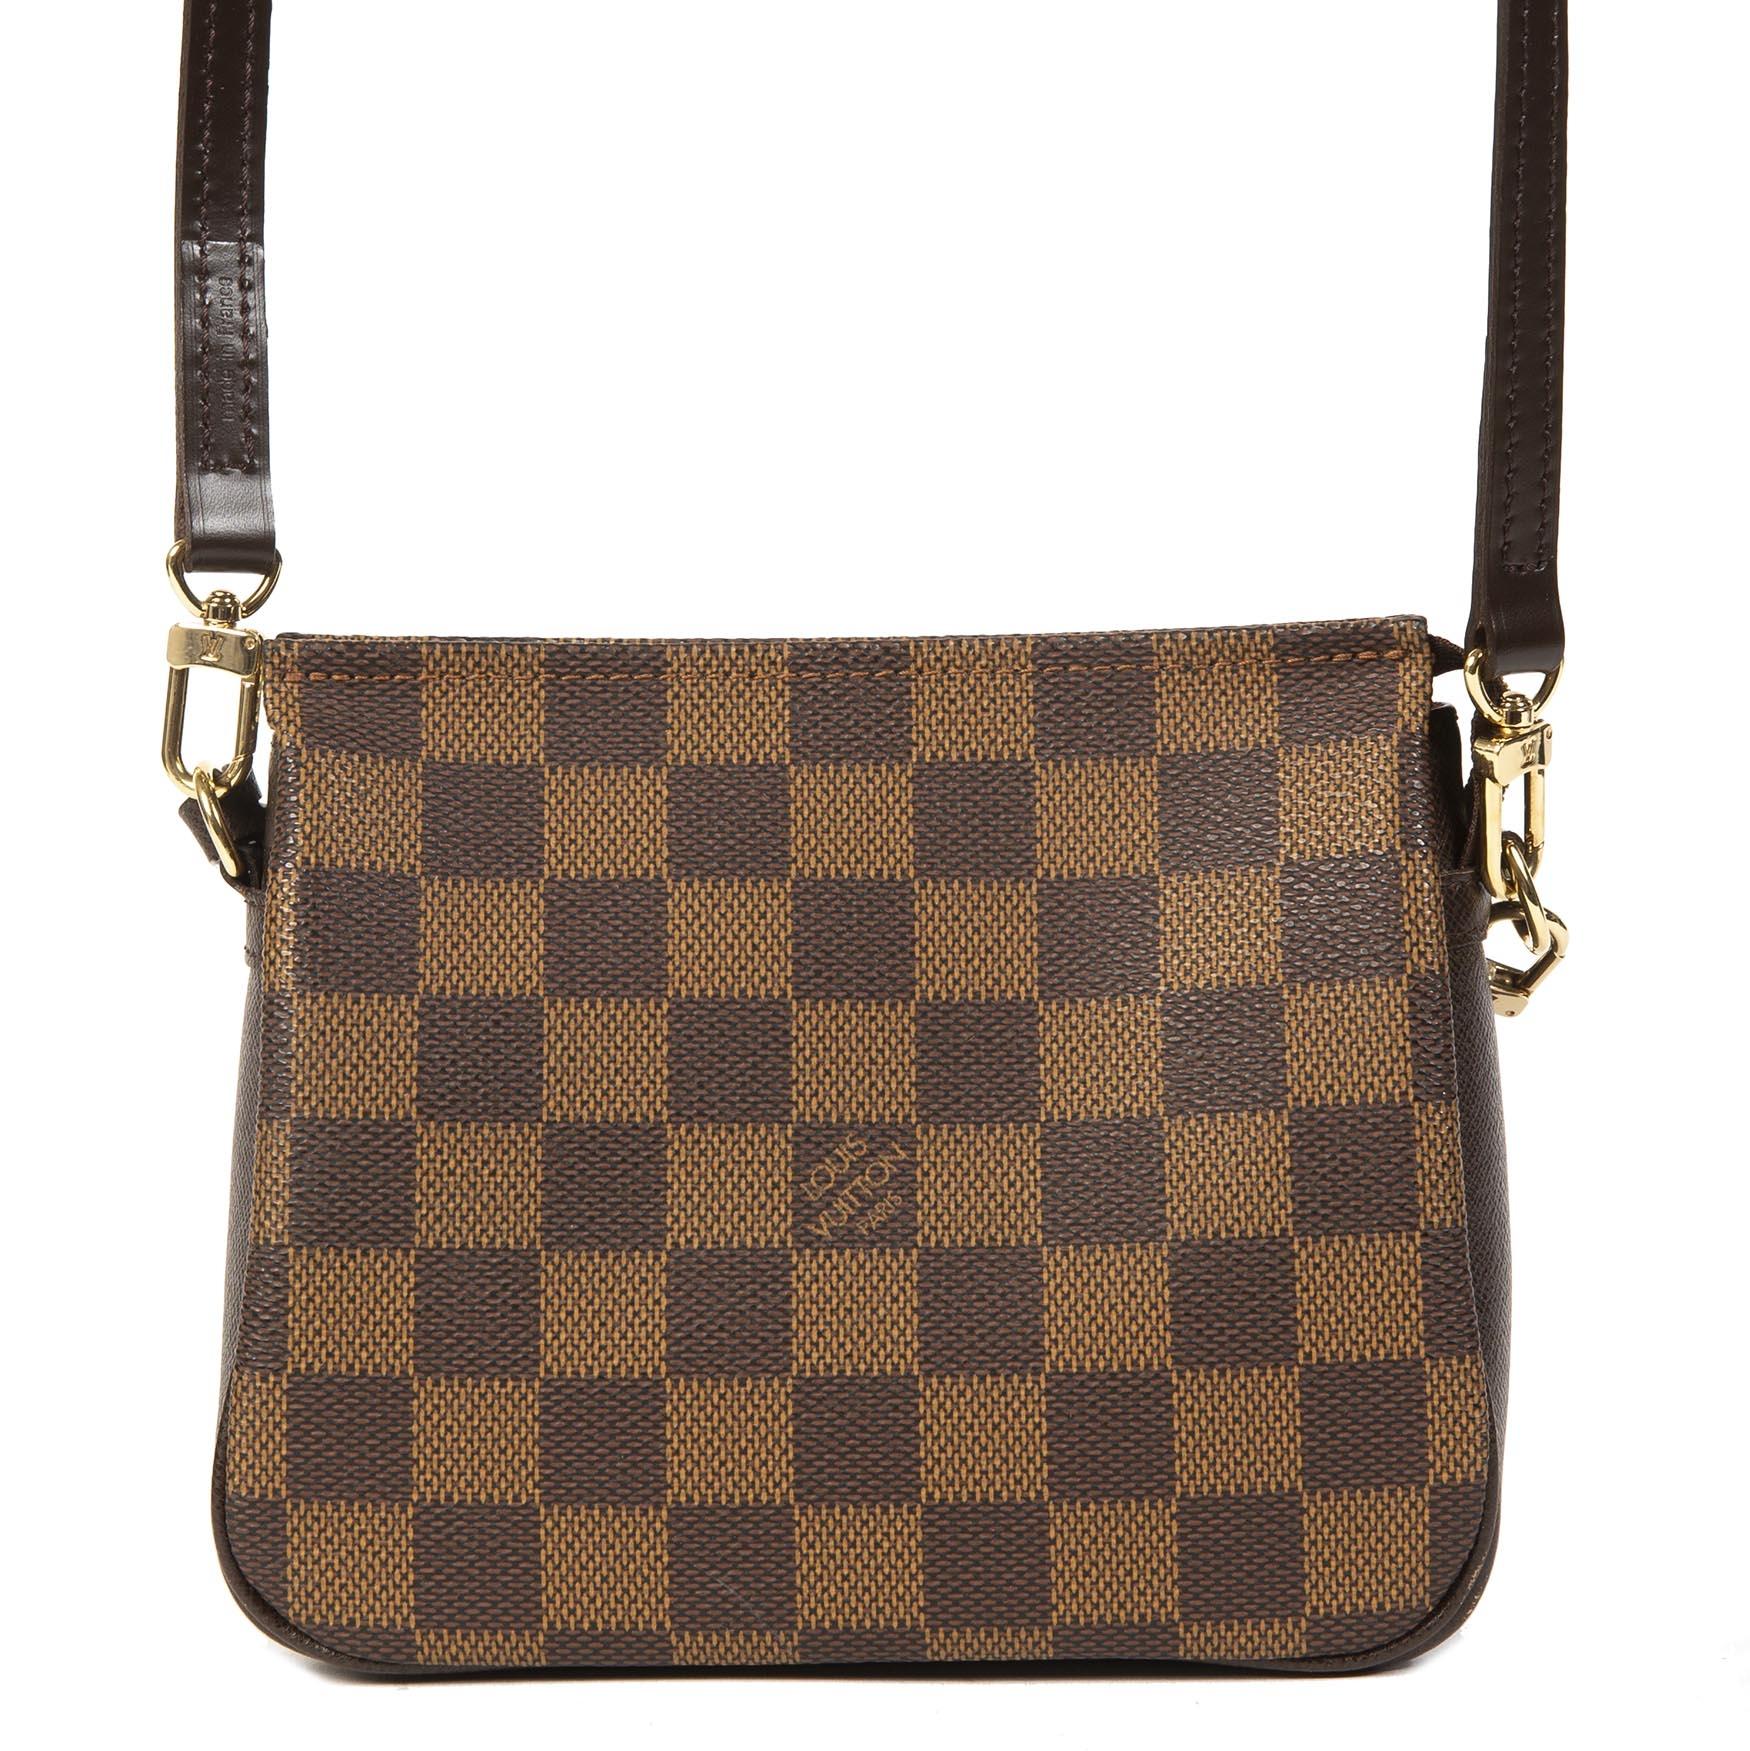 Authentieke tweedehands Louis Vuitton Vintage 1999 Damier Trousse Square Pochette juiste prijs veilig online winkelen LabelLOV webshop luxe merken winkelen Antwerpen België mode fashion